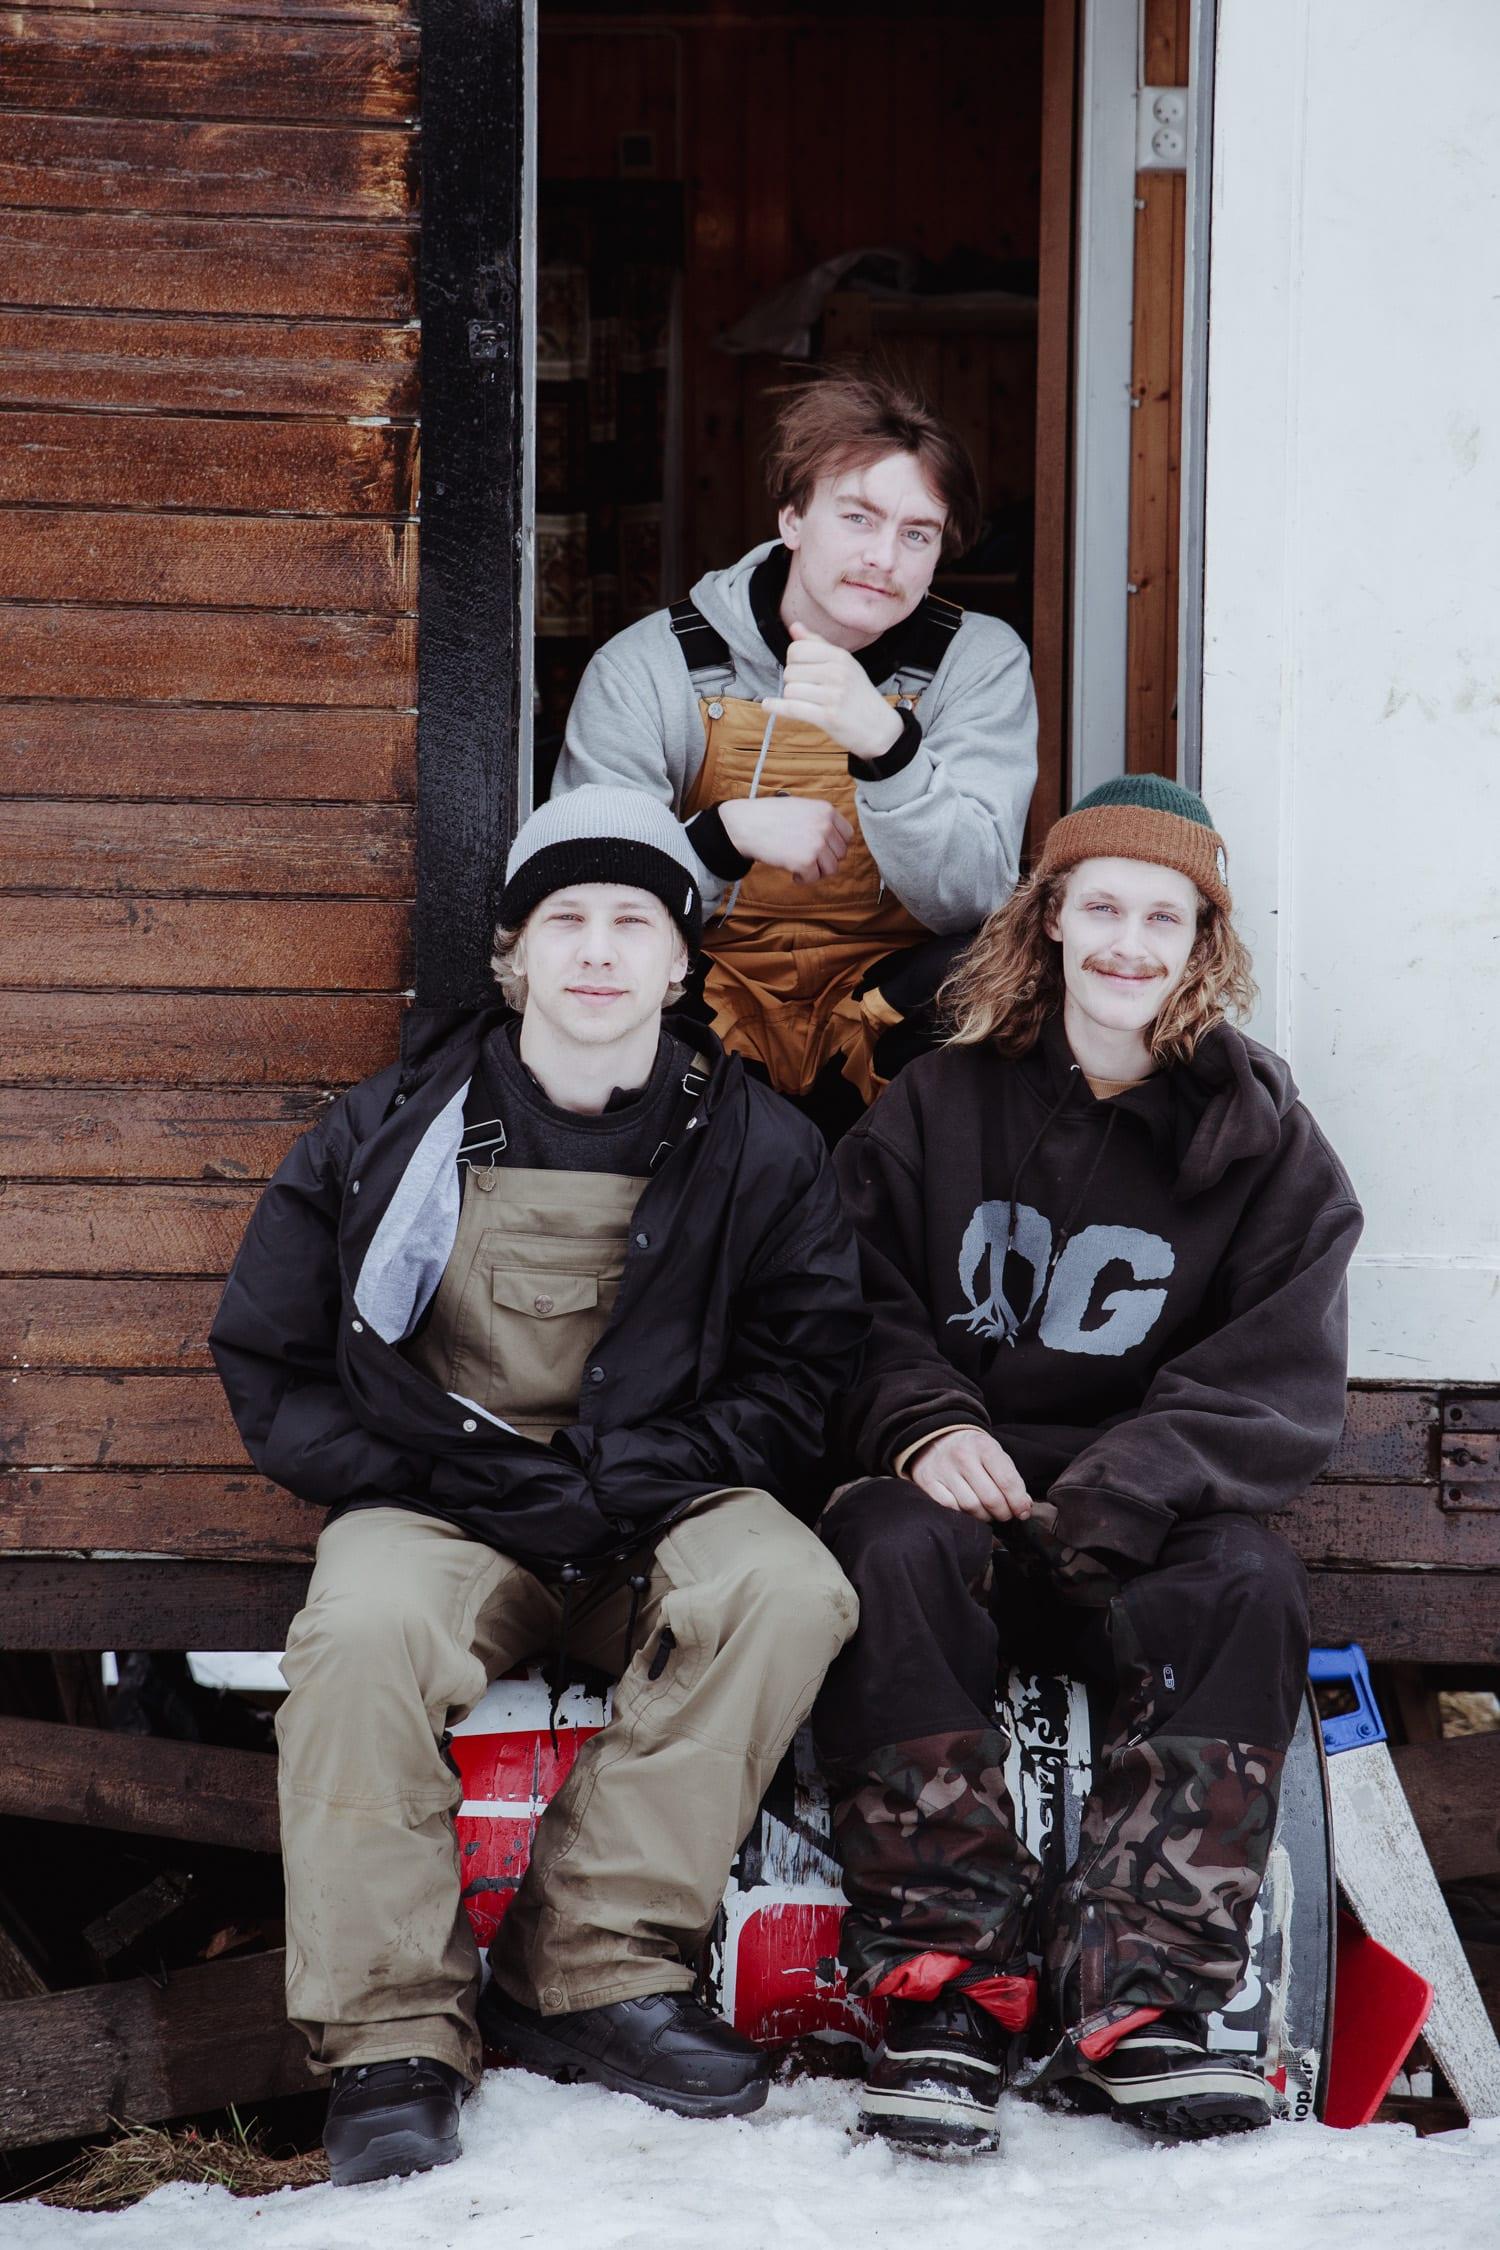 Fra venstre Håkon Haslum, Håvard Roald og Stian Karlsen